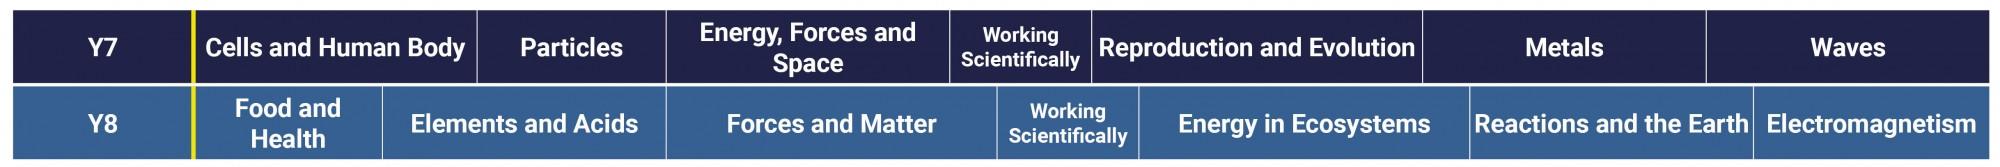 Science Curriculum 2021 2022 Y7 8